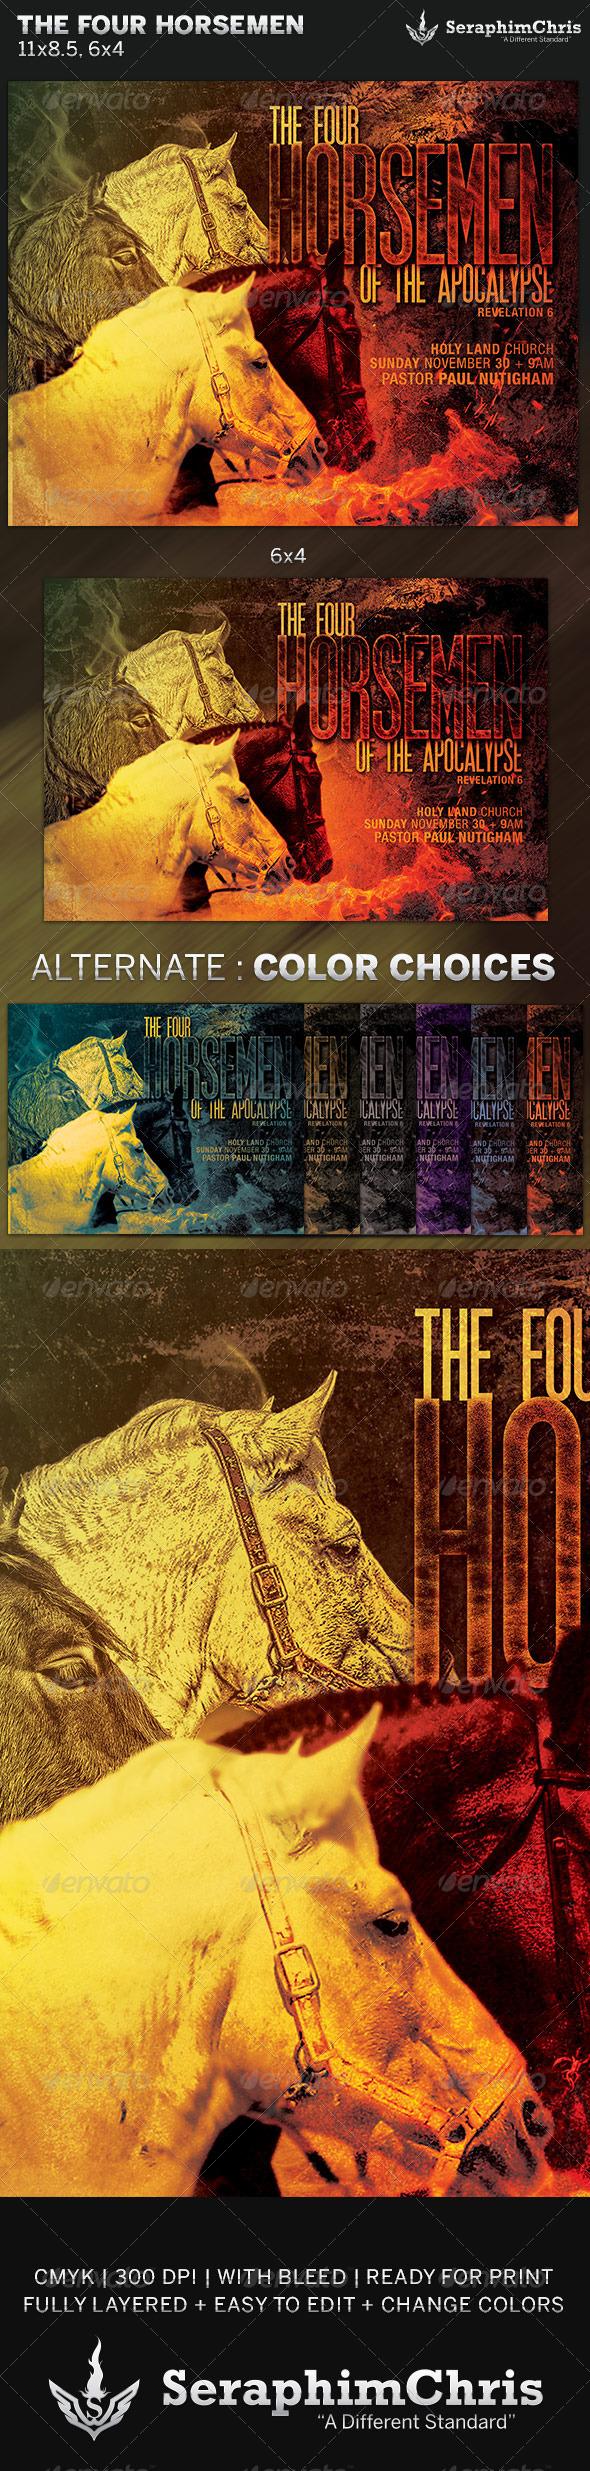 The Four Horsemen Church Flyer Template